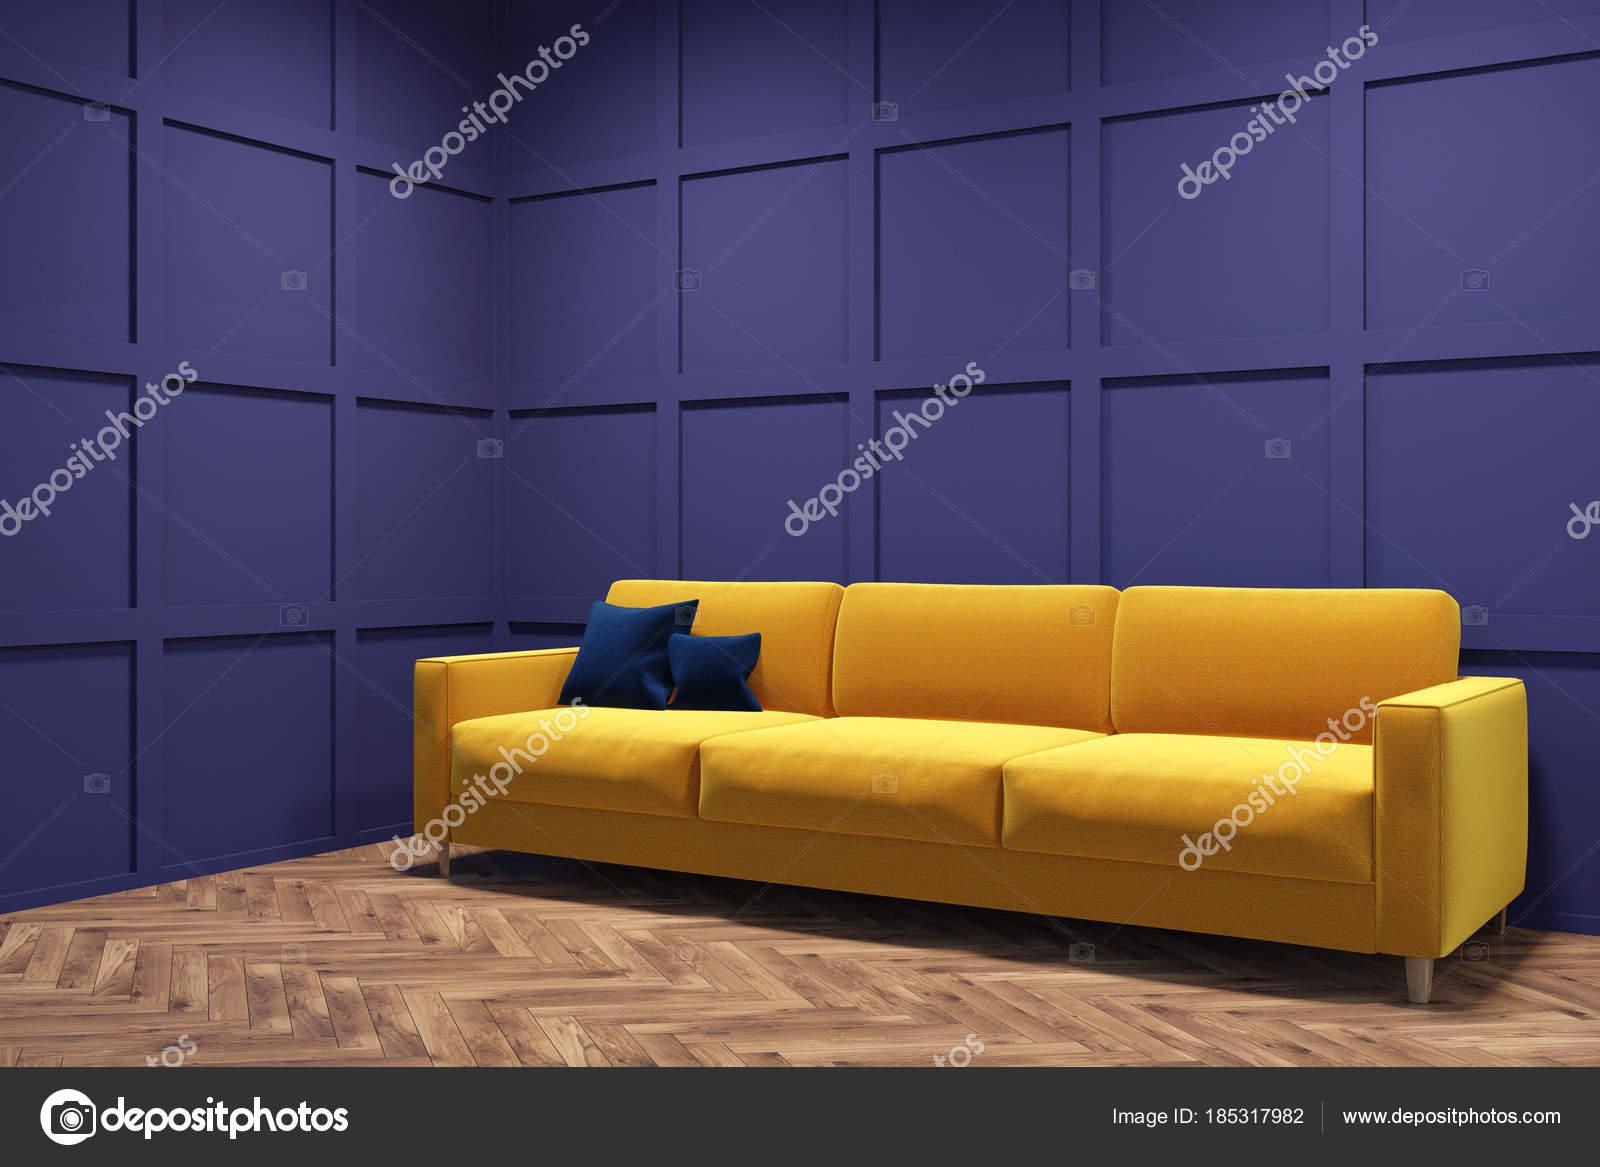 Pareti Viola E Giallo : Divano giallo in un angolo della stanza viola u foto stock